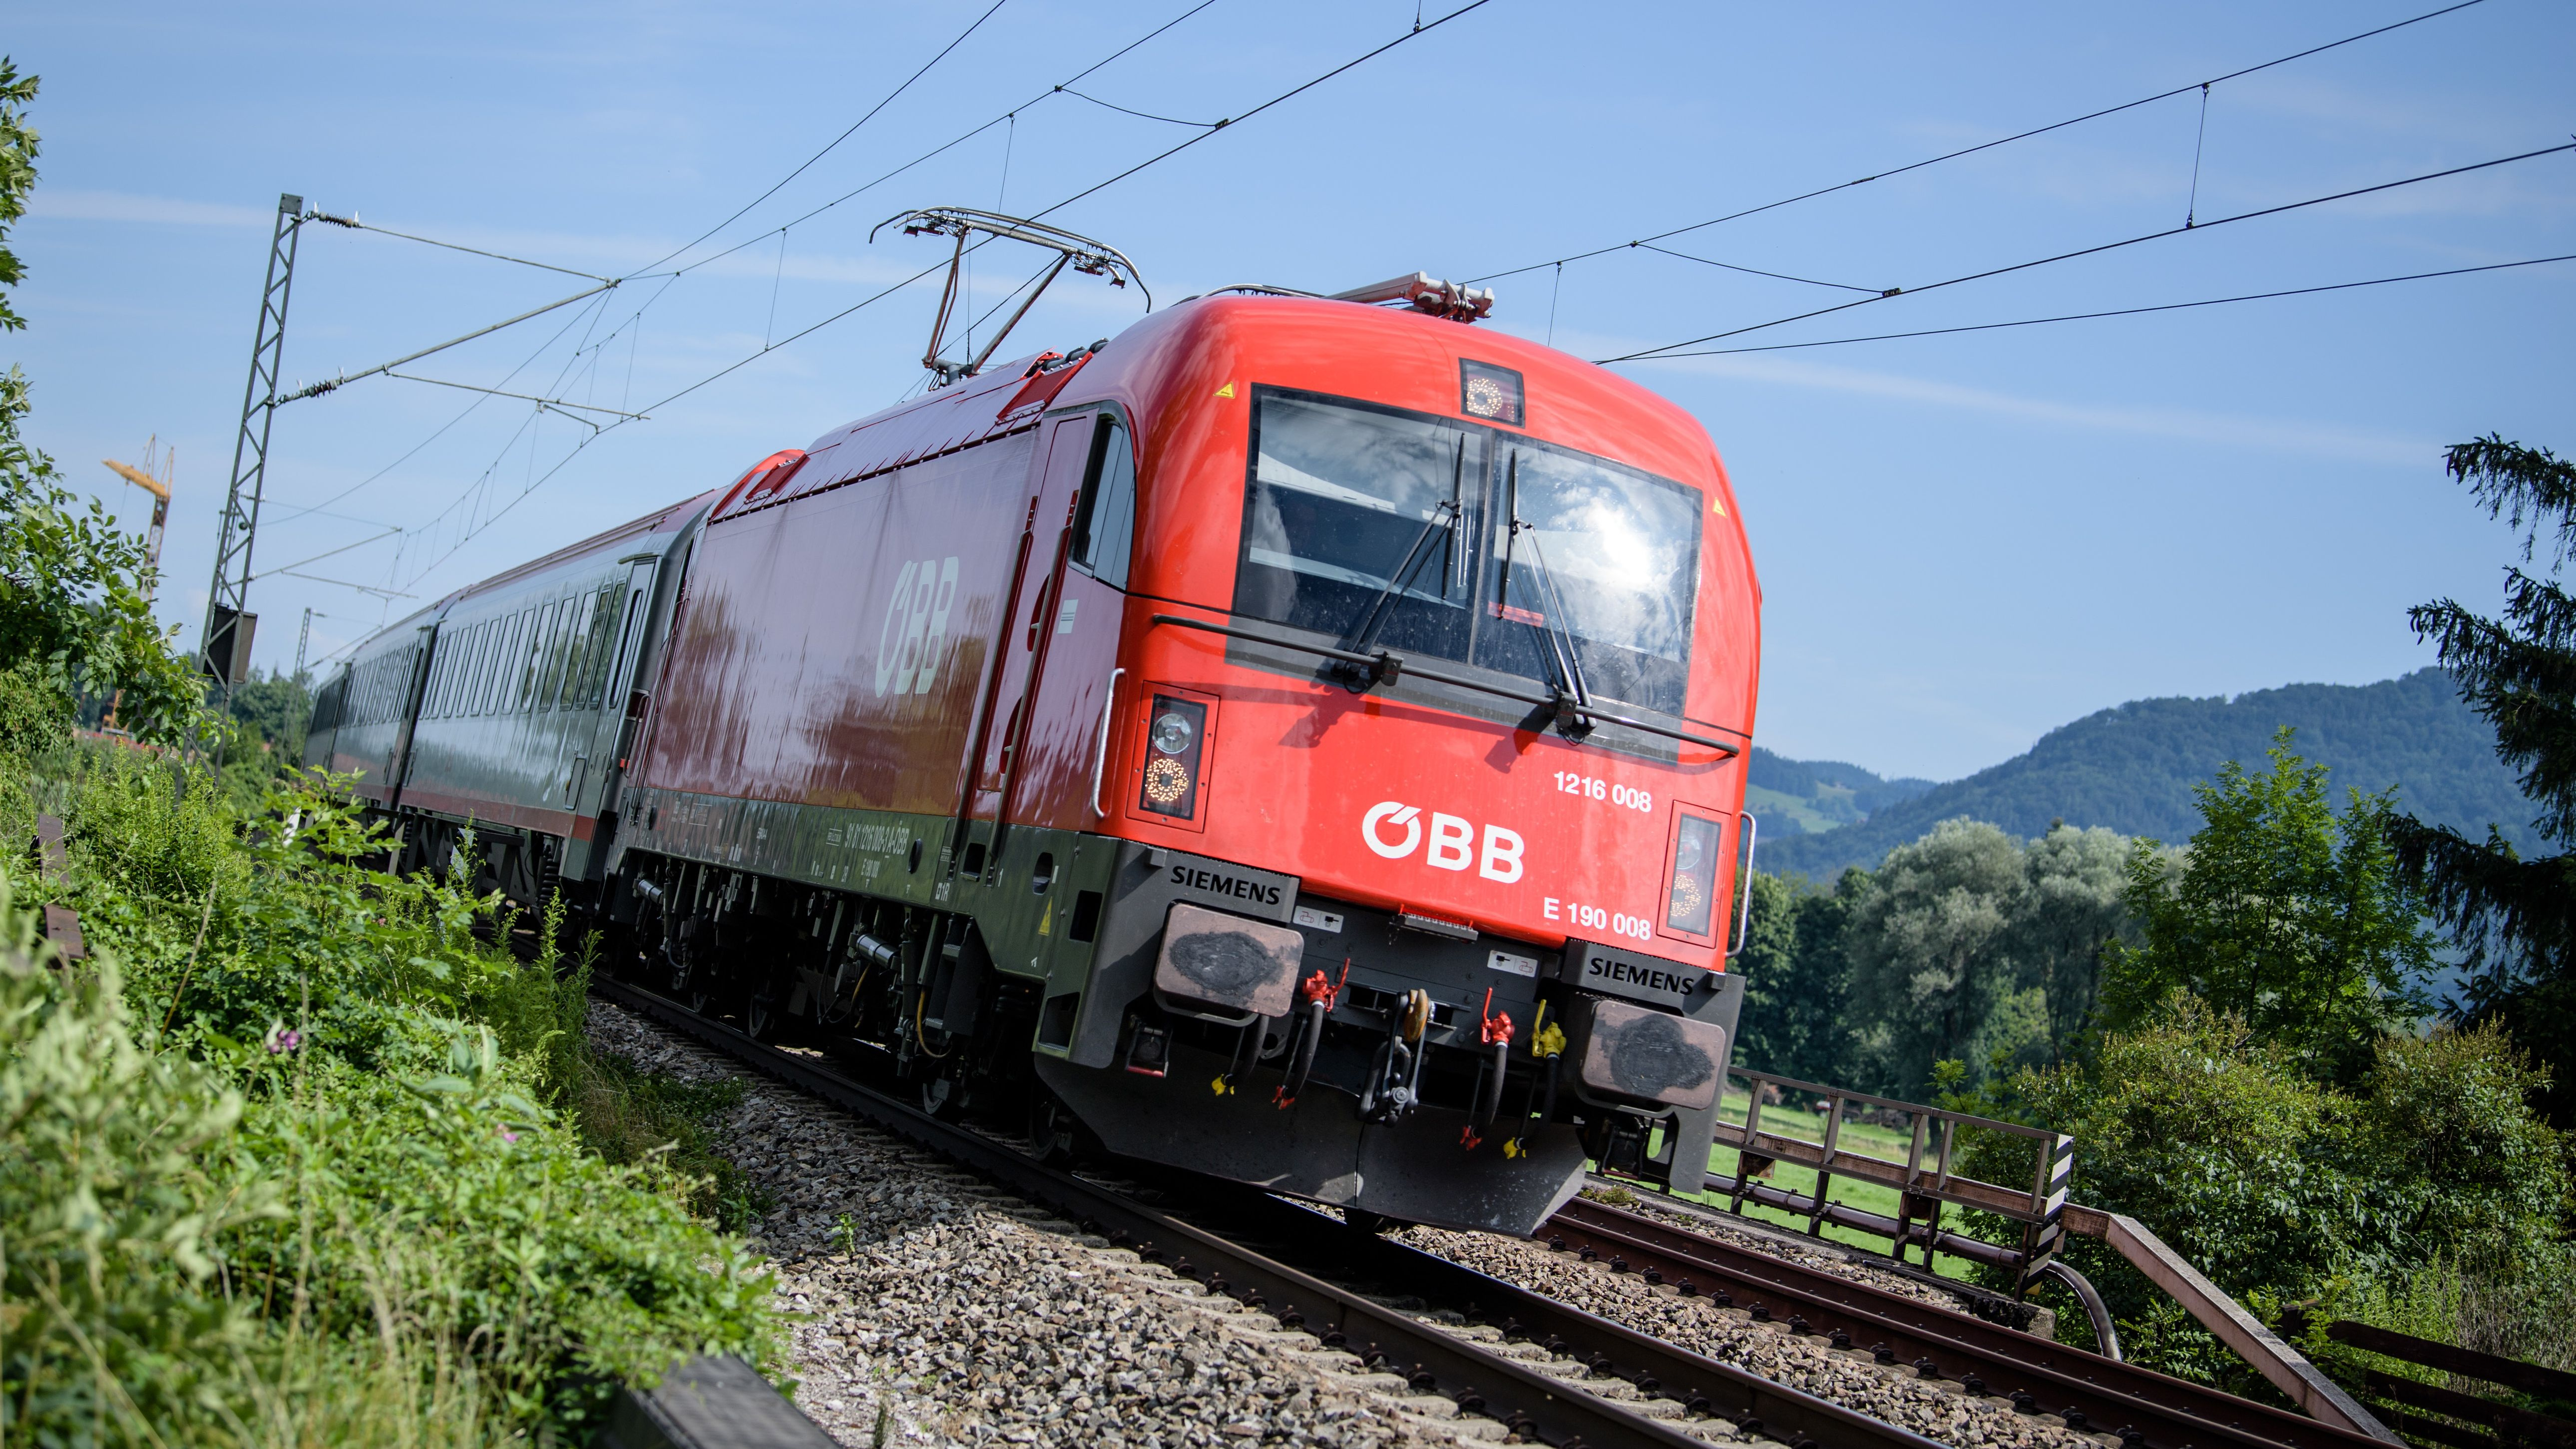 Ein Zug der Österreichischen Bundesbahnen (ÖBB) fährt über die Gleise der Bahntrasse durch das Inntal zwischen Rosenheim und Kufstein